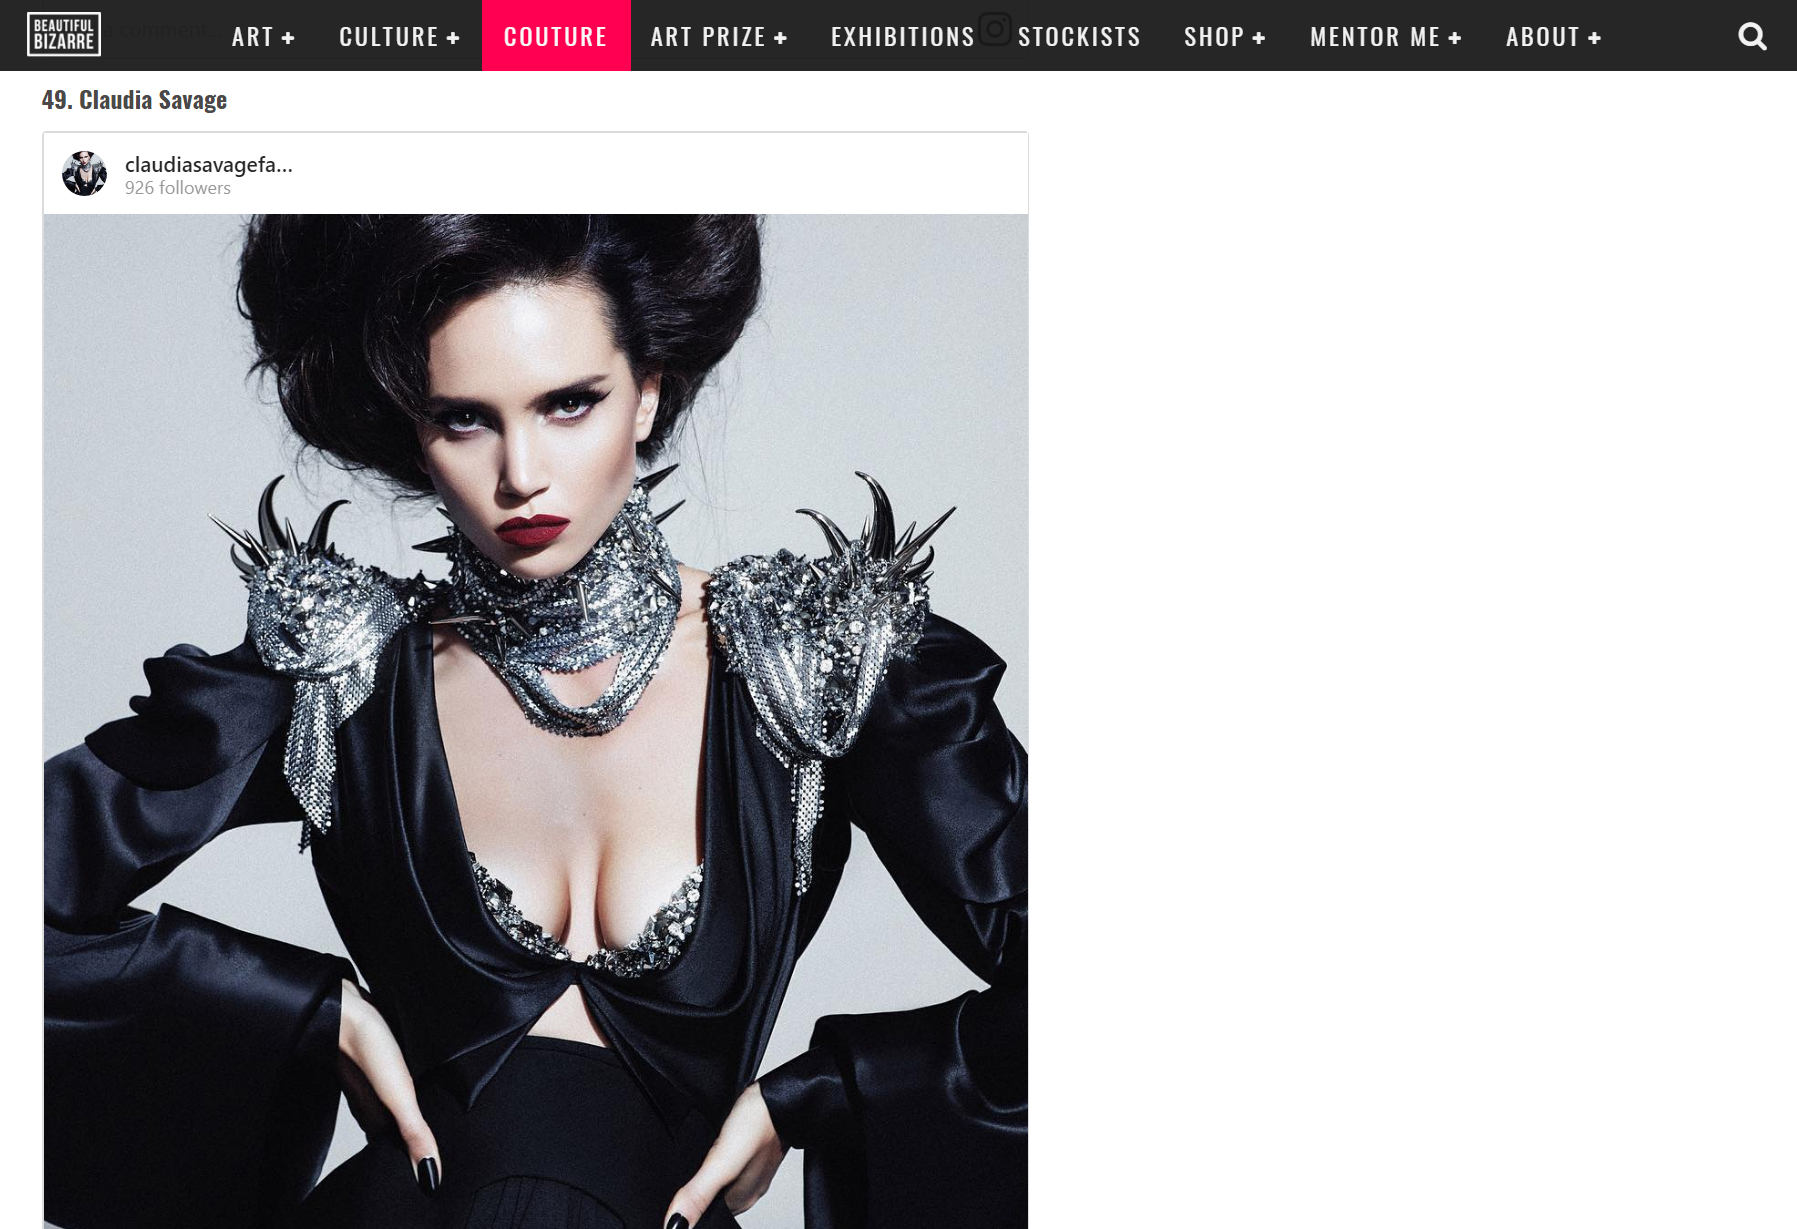 Claudia Savage Top 100 Wearable Art Designers Instagram.jpg